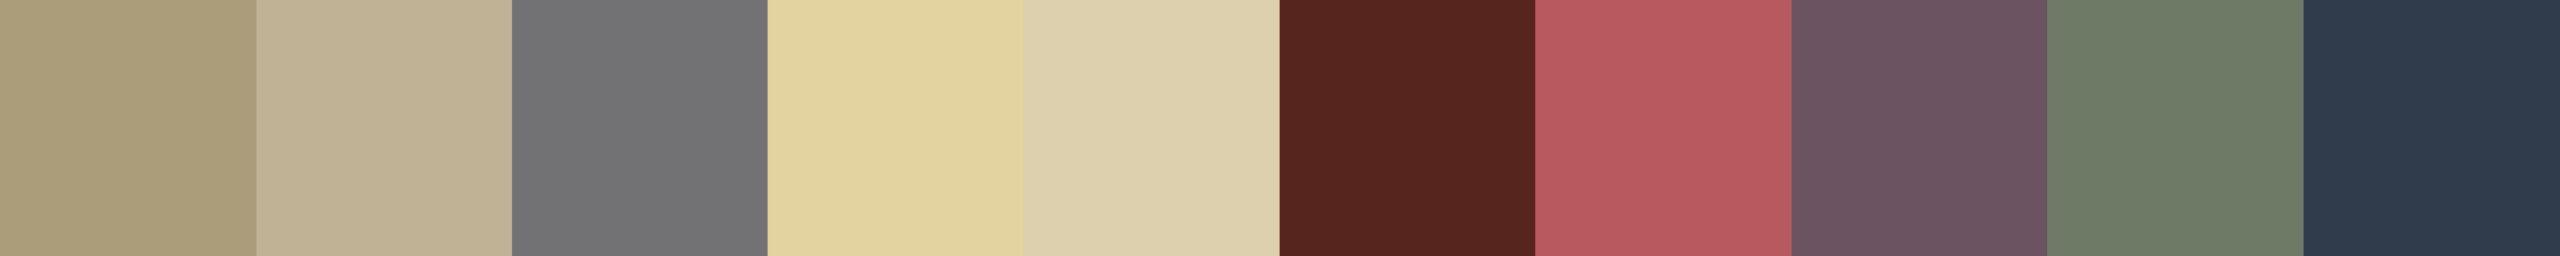 624 Foxierna Color Palette